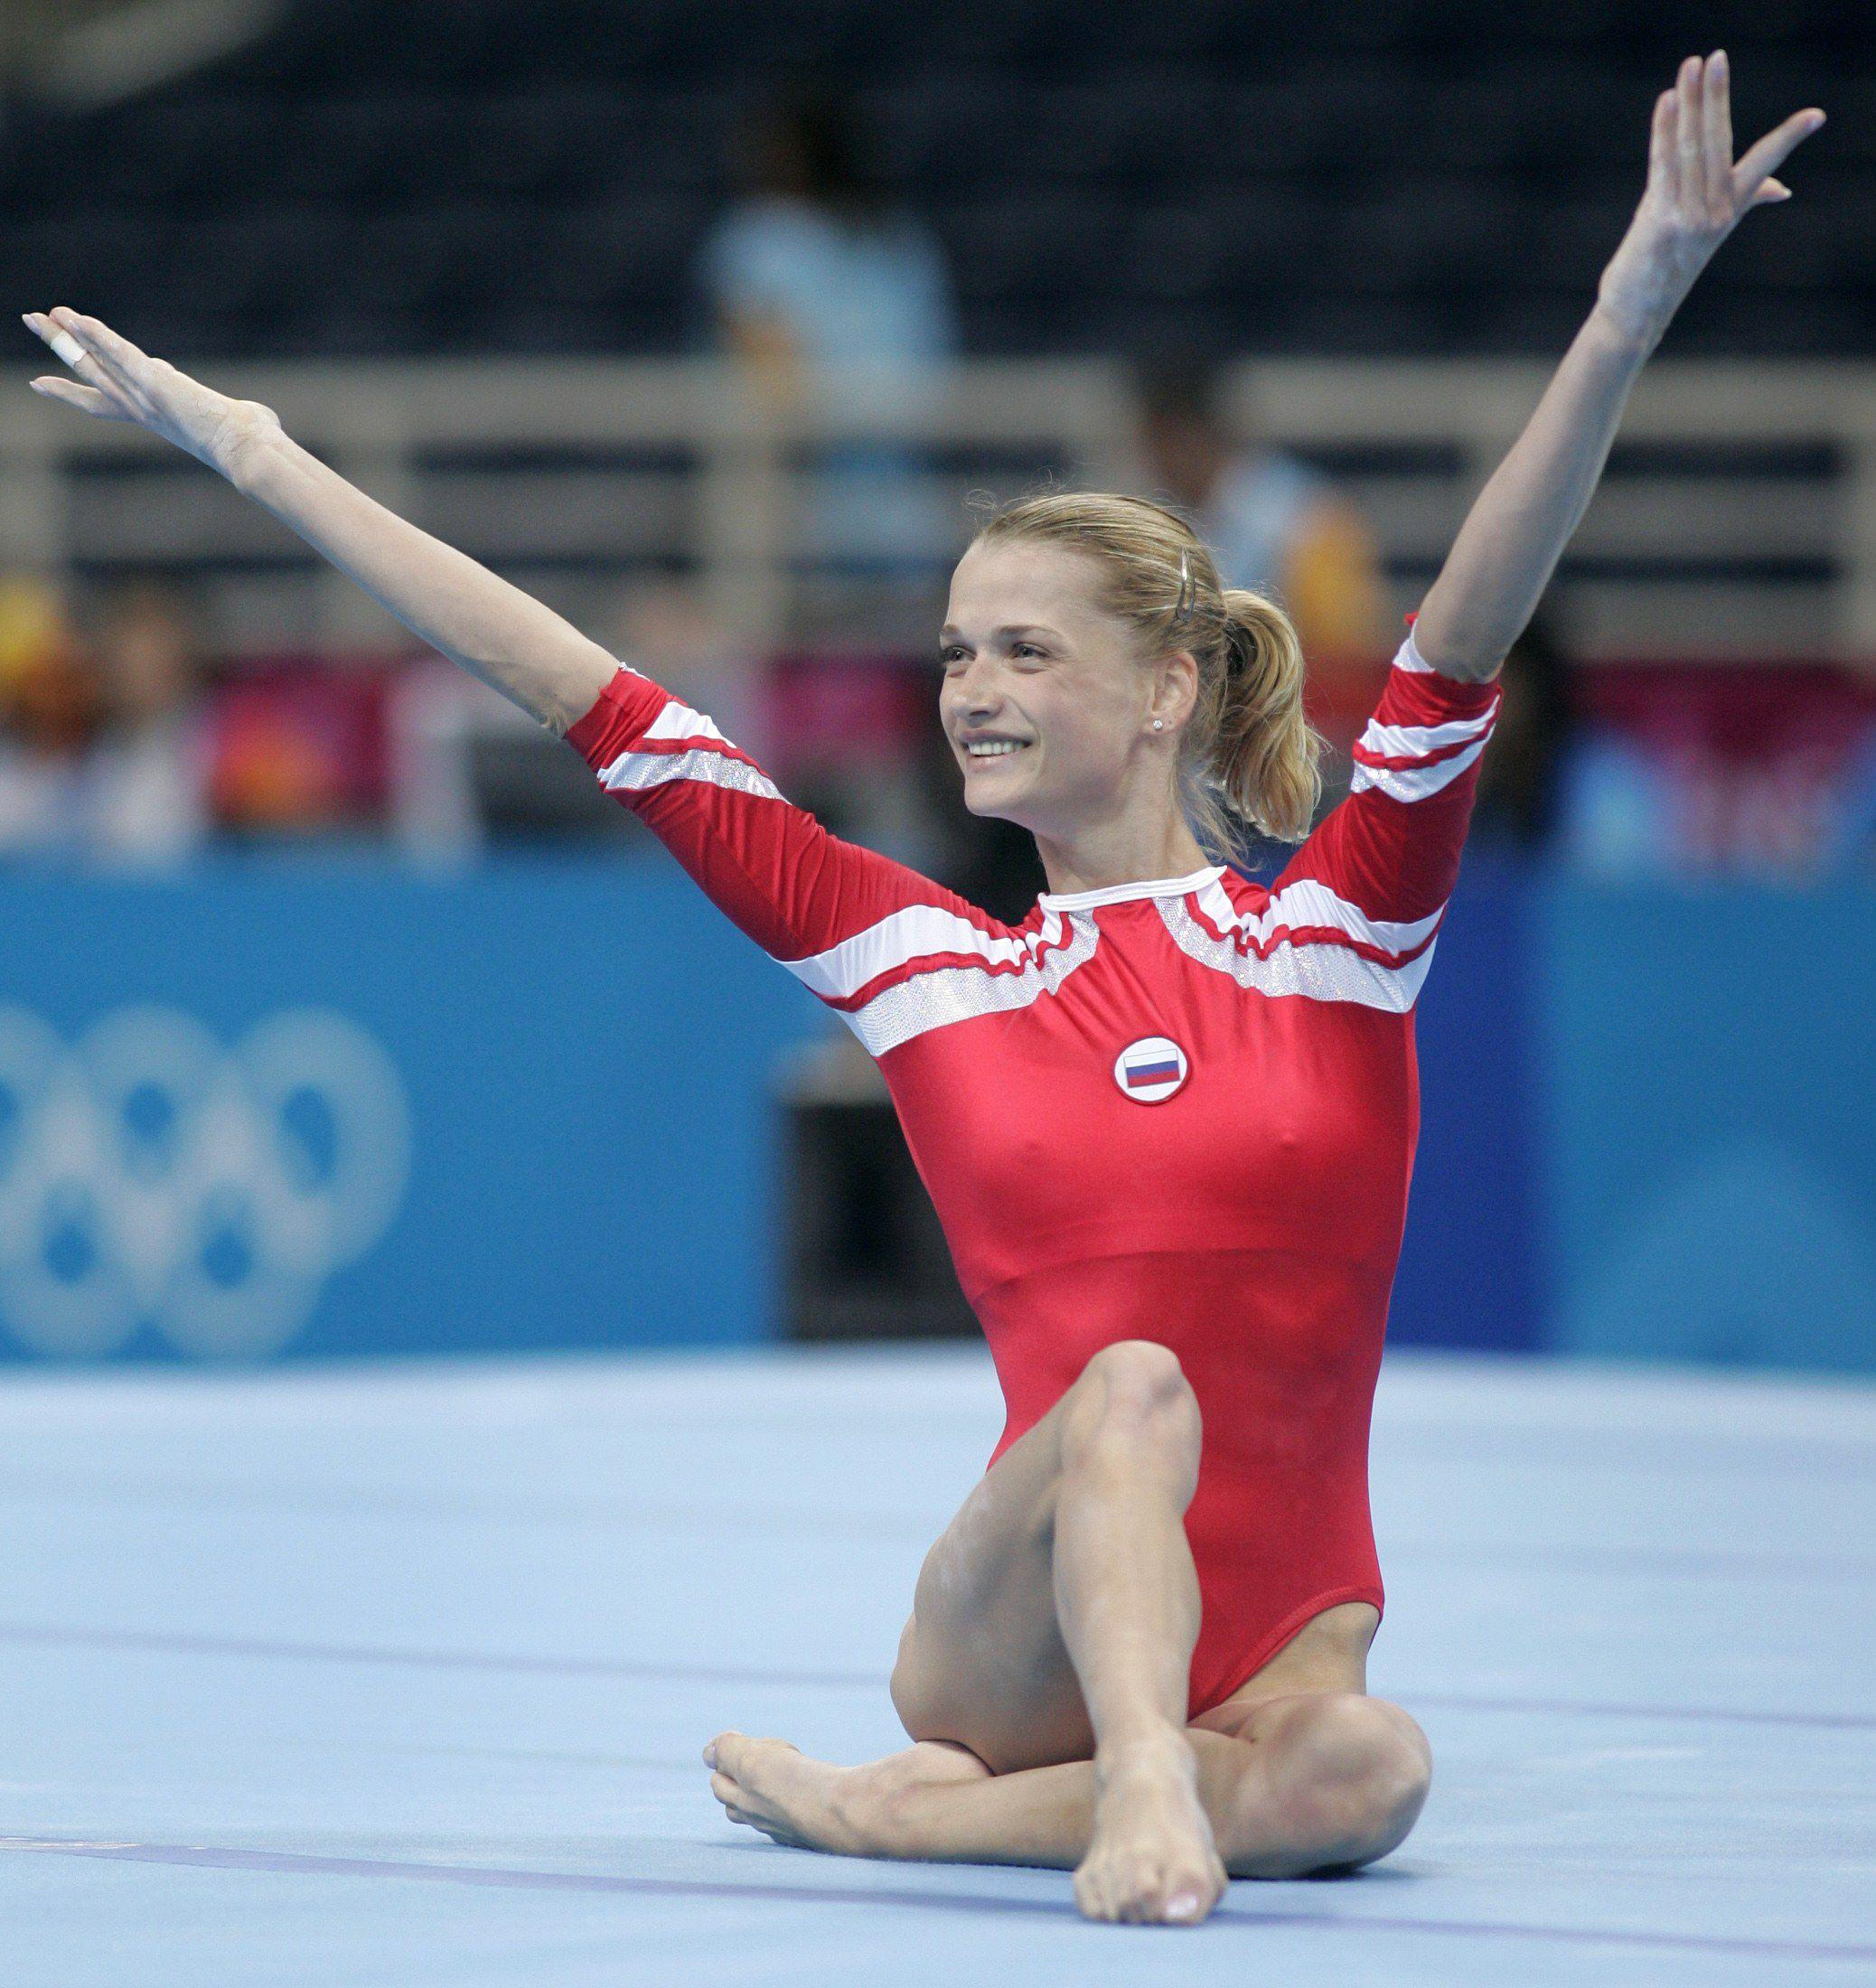 Фото гимнастки богинской 17 фотография